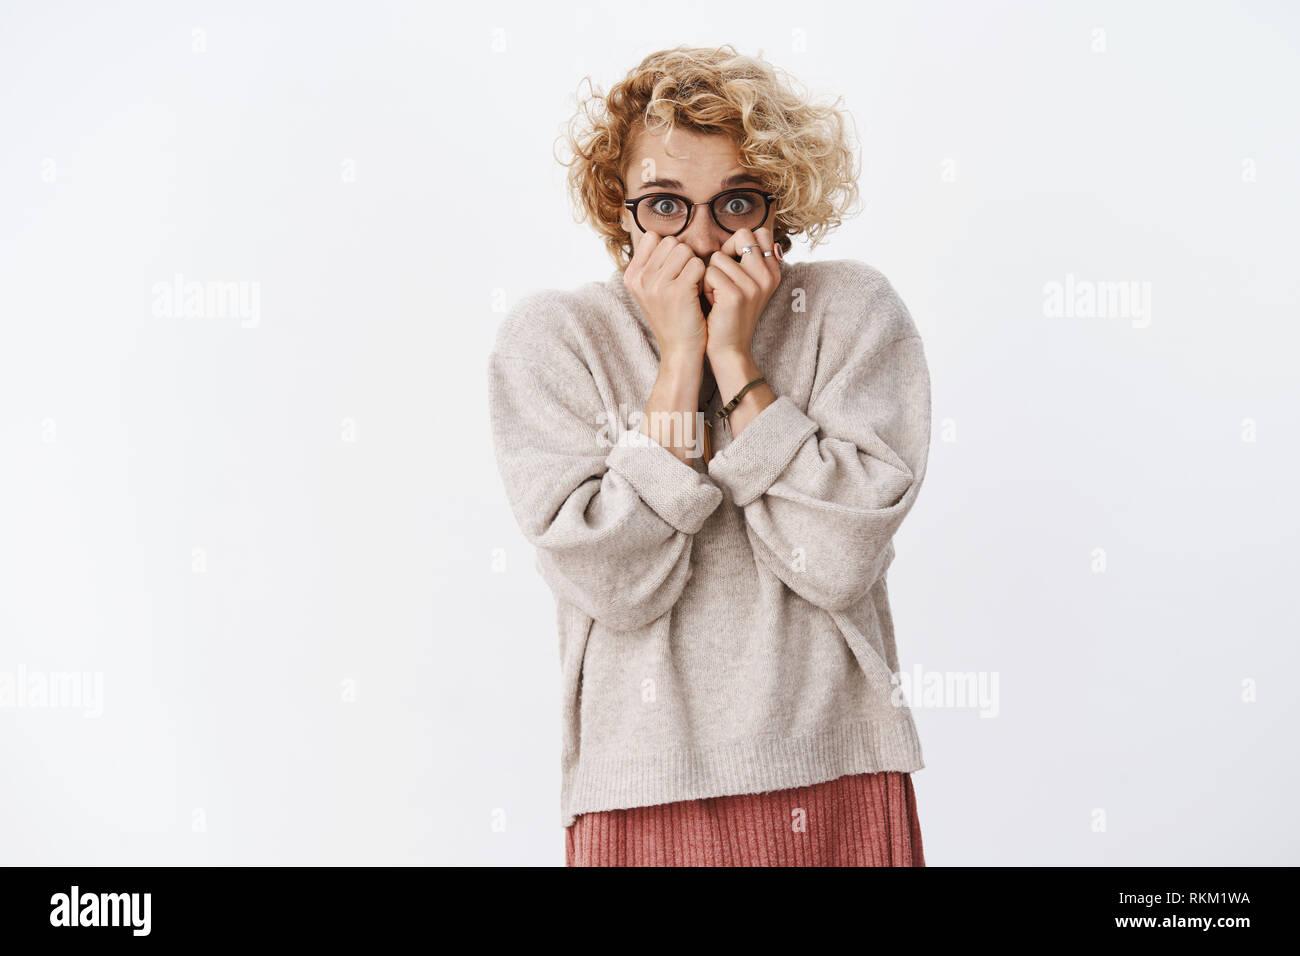 Mädchen verängstigt zitternden schließen Gesicht, Hände halten in der Nähe von Mund zu knallen, die in der Kamera von Horror in Erstarrung über weiße Wand heben Stockbild